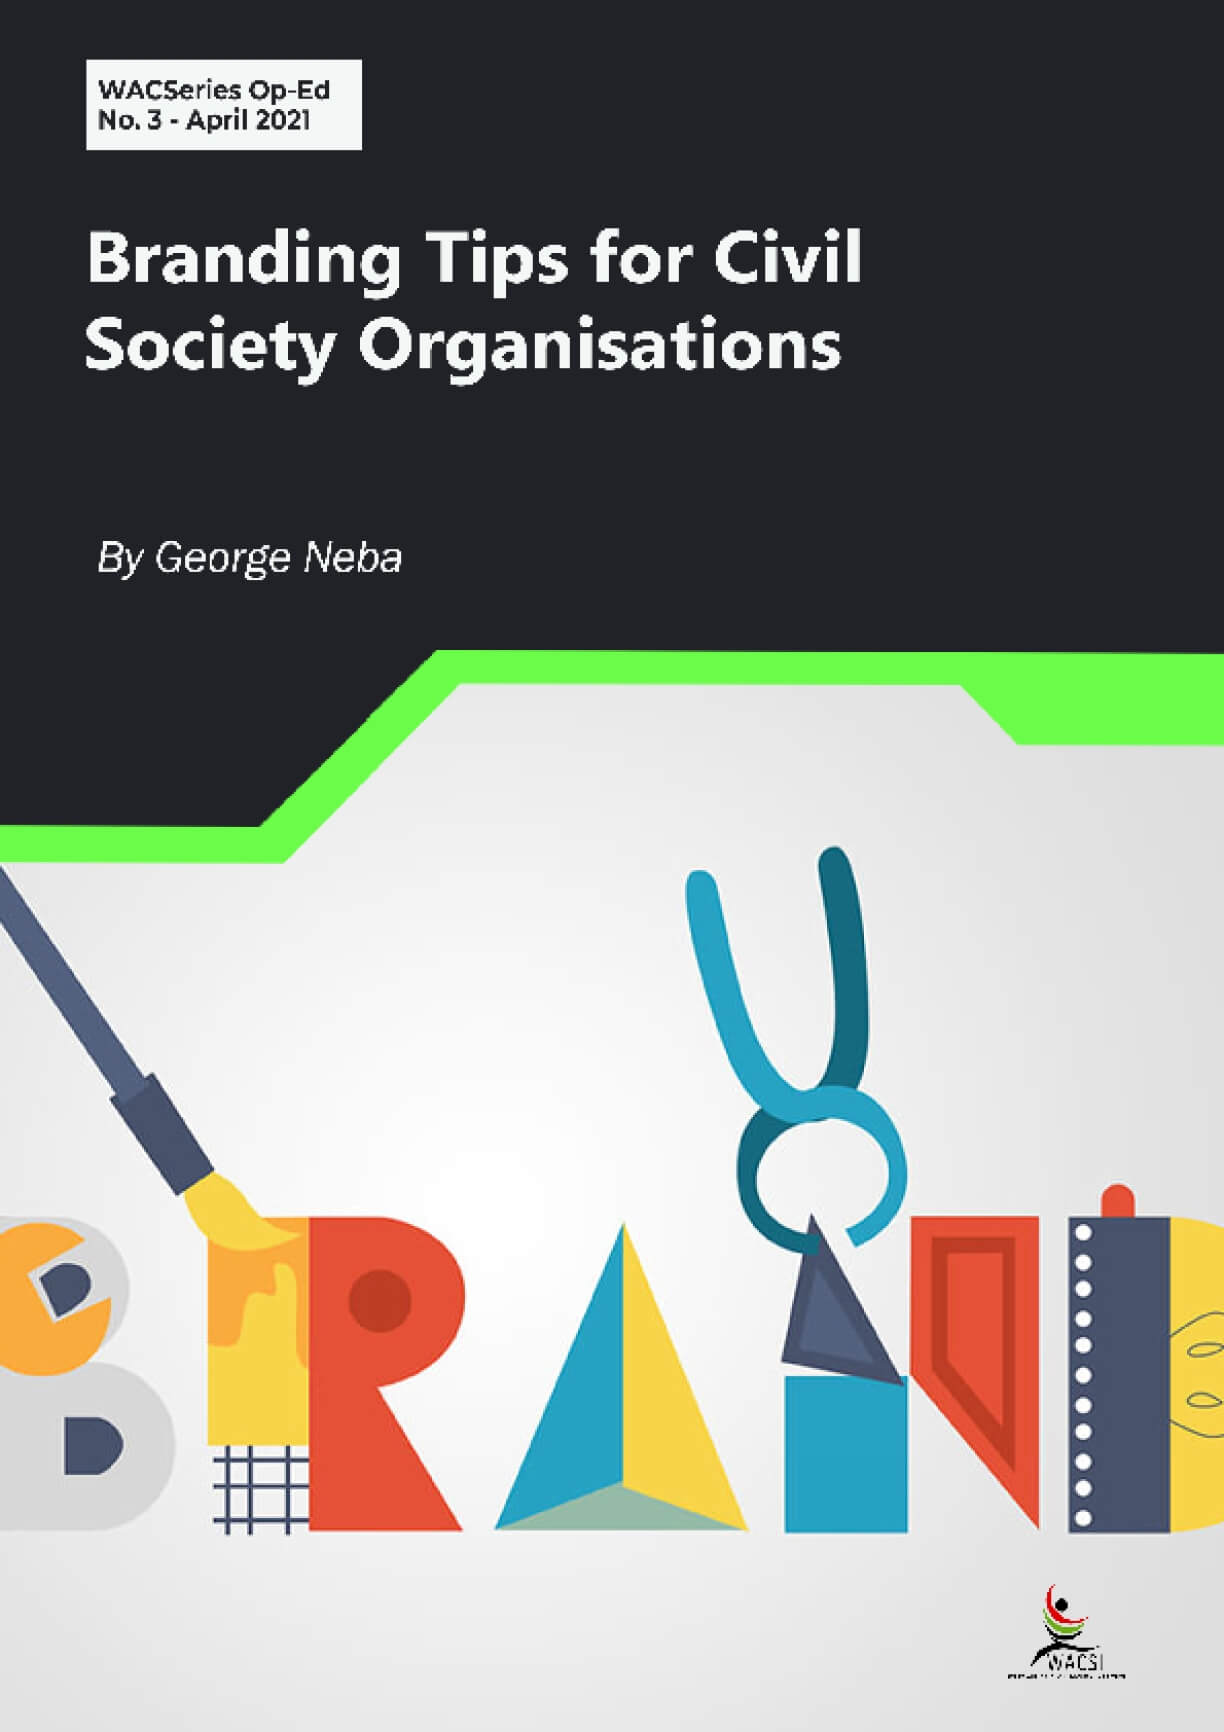 Branding Tips for Civil Society Organisations